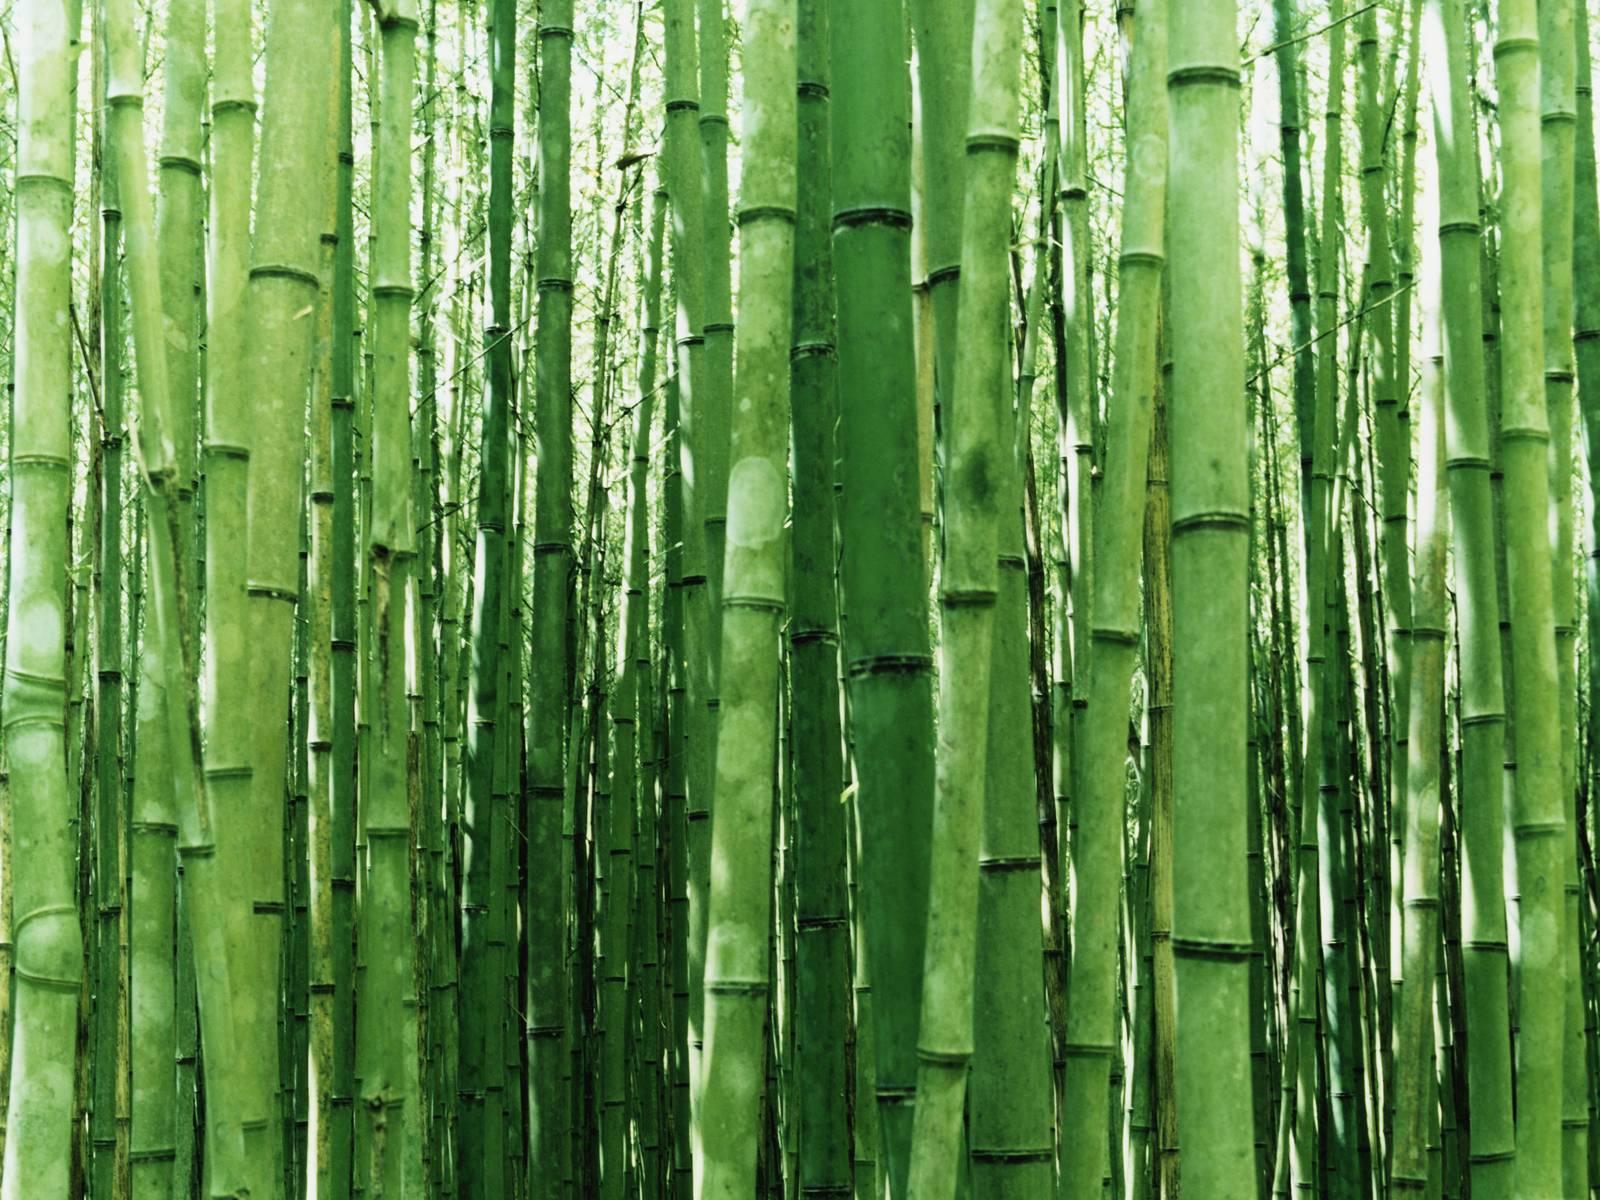 http://1.bp.blogspot.com/-XOhXYPe0JA0/TxhdT85SVfI/AAAAAAAAAJo/quokaPF7RRo/s1600/vista-wallpaper-bamboo.jpg